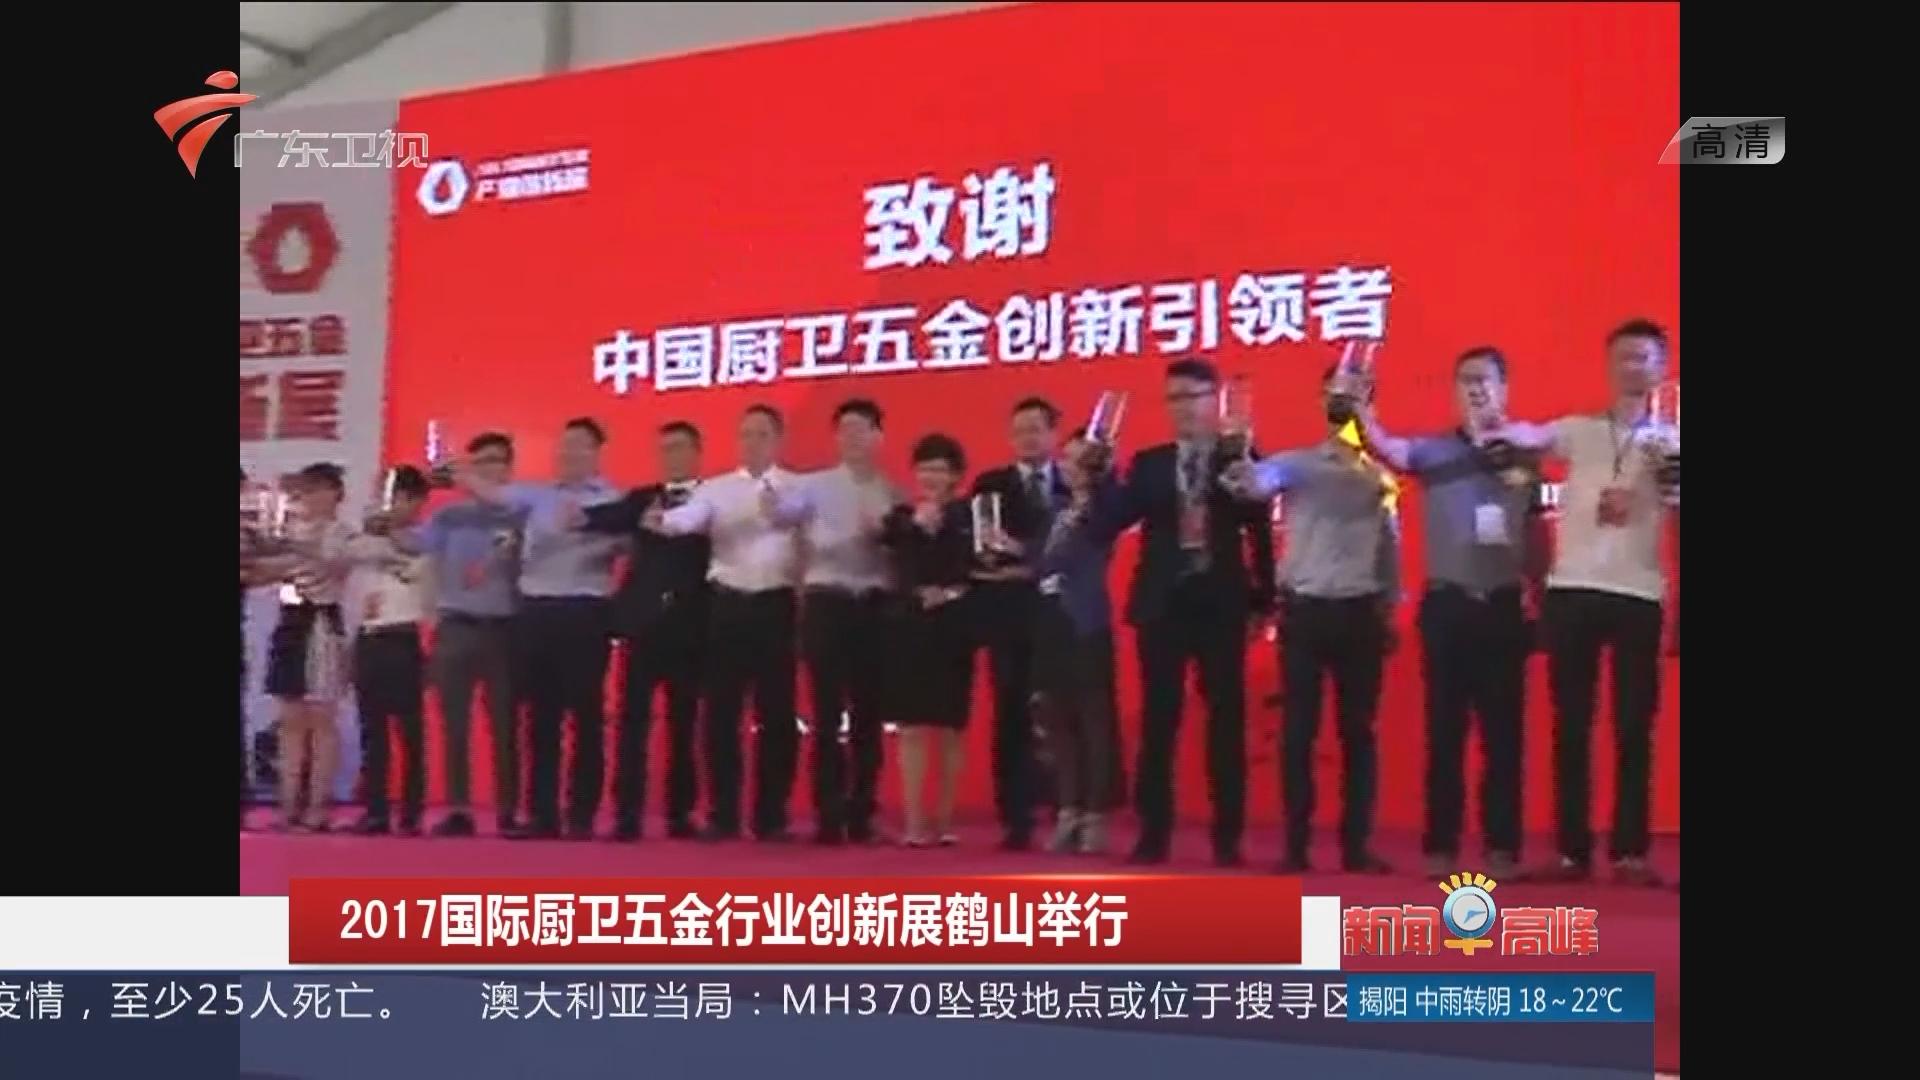 2017国际厨卫五金行业创新展鹤山举行